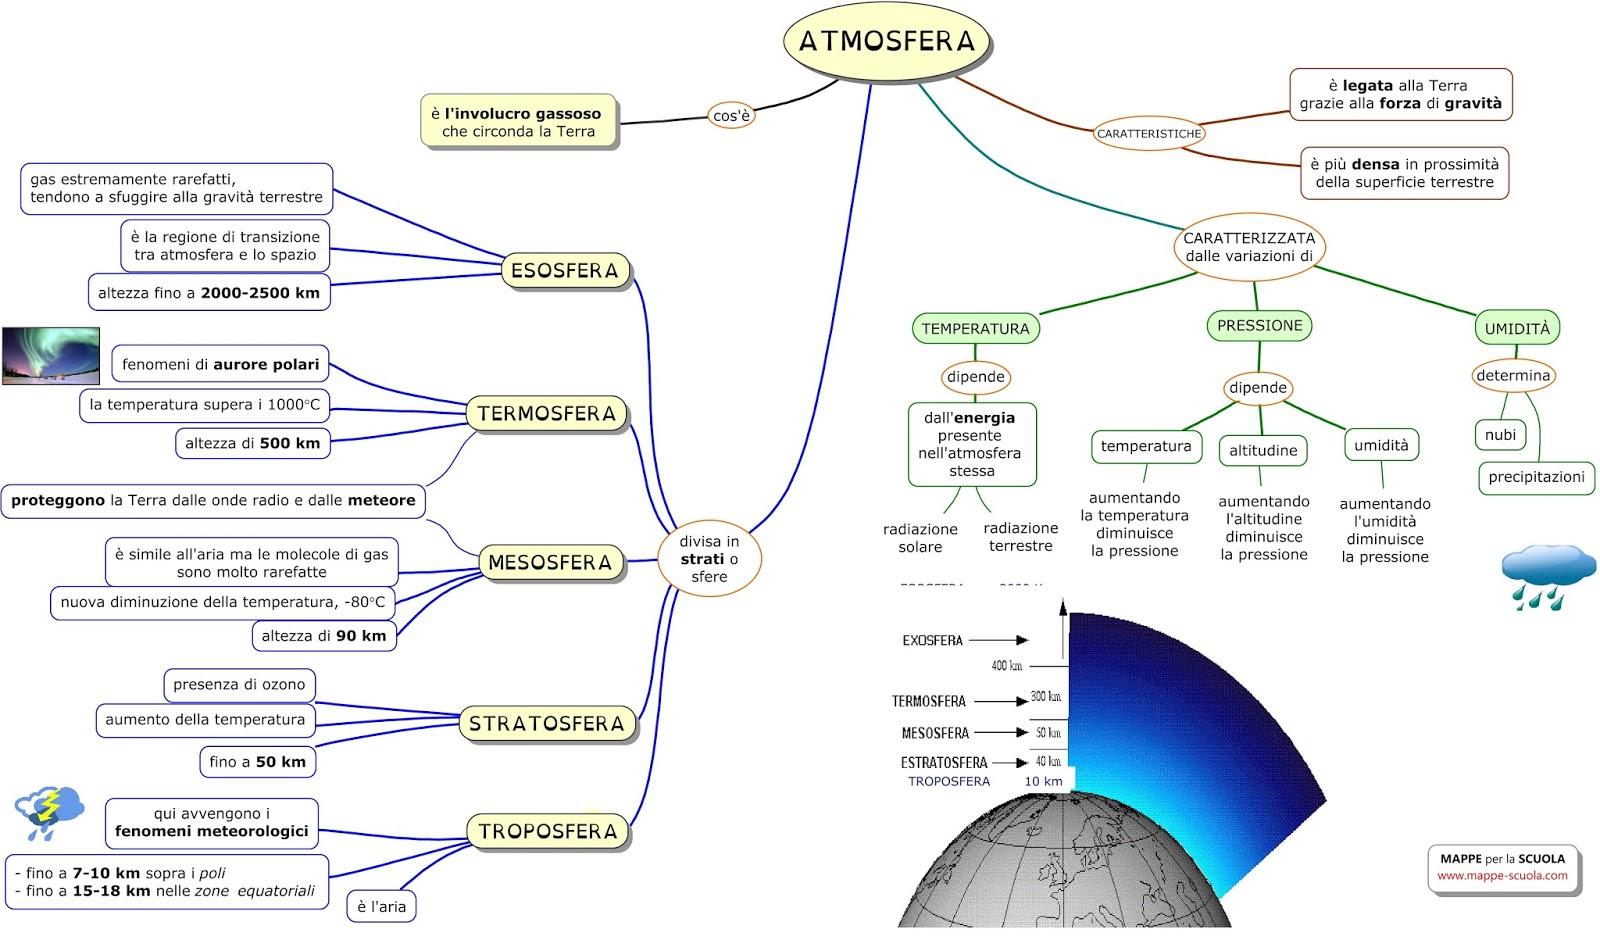 Mappe Per La Scuola Latmosfera